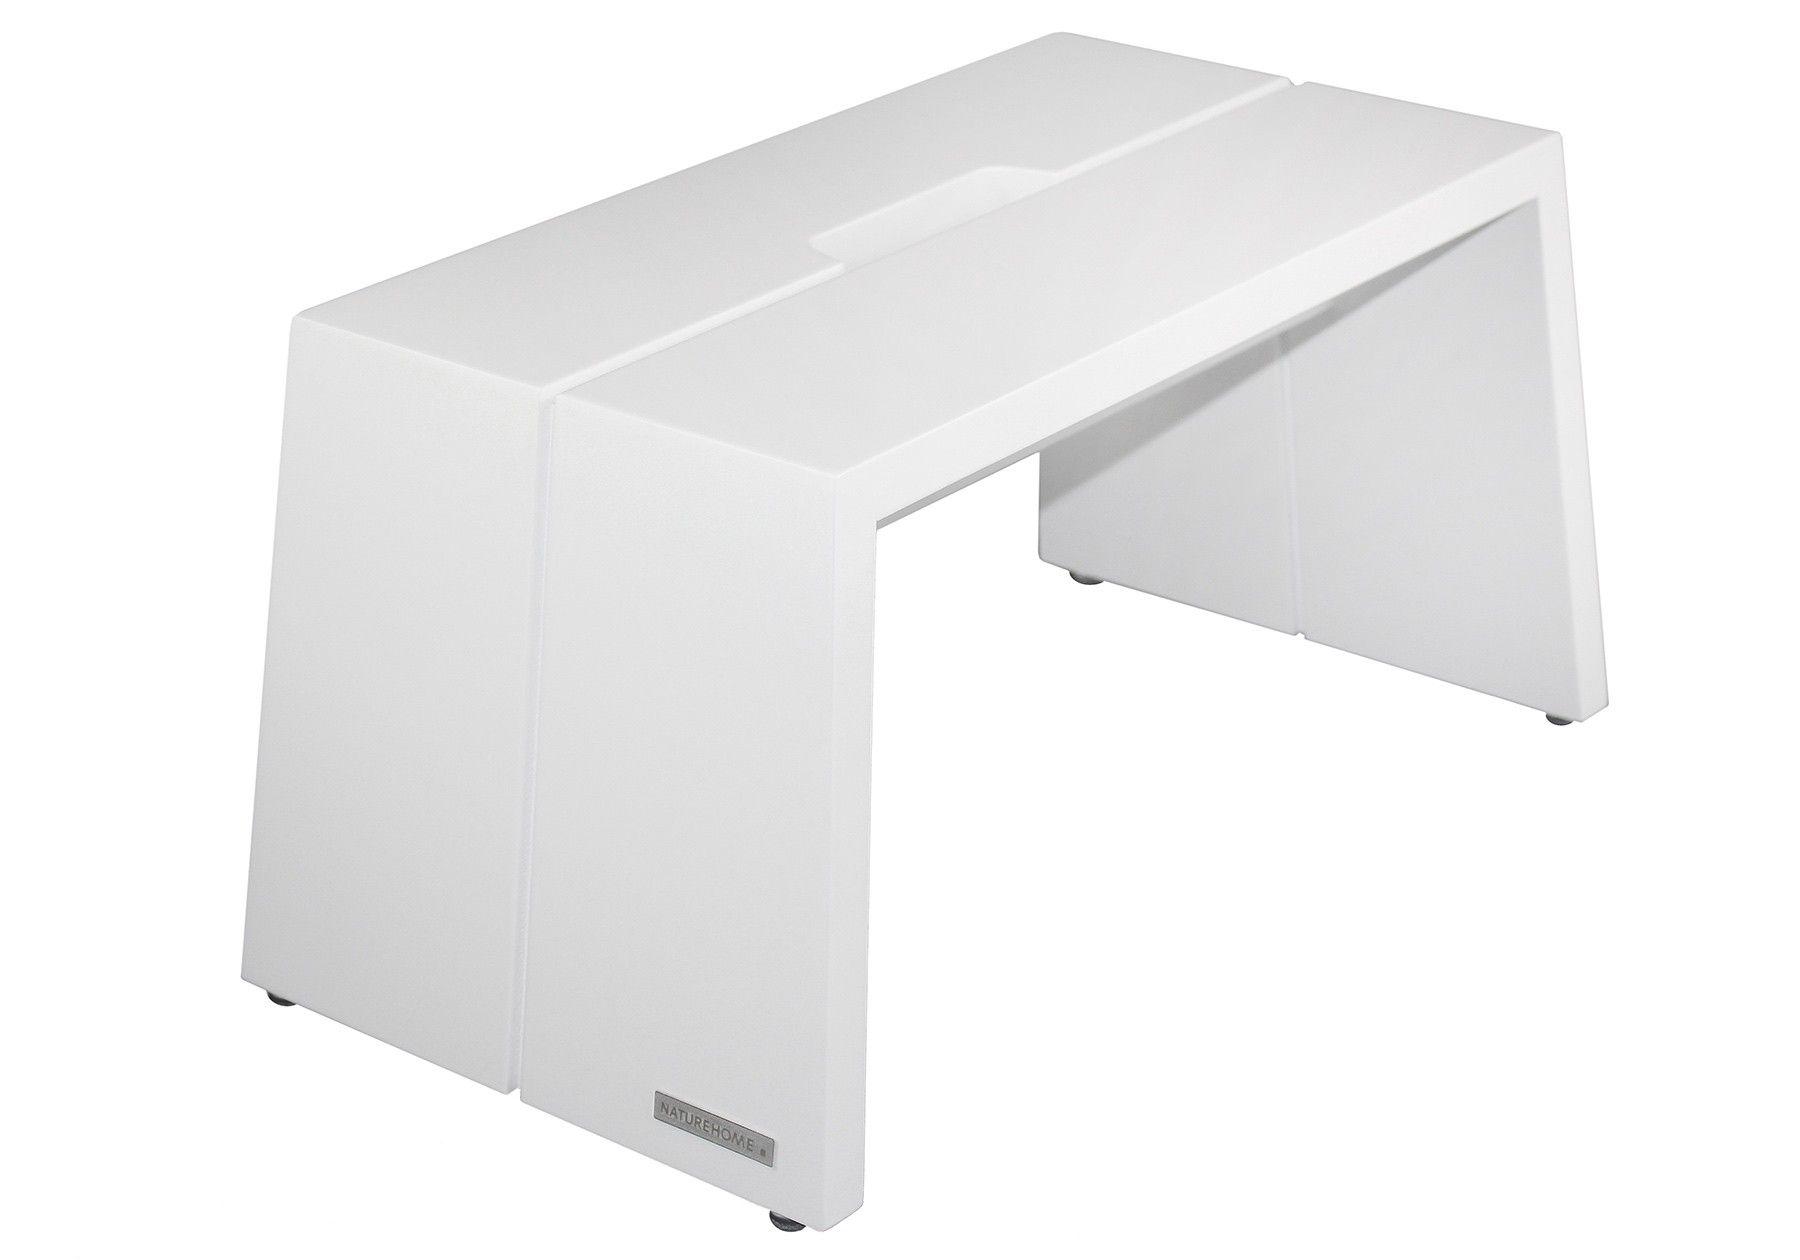 Fußbank Design Massivholz Buche Weiß mit Tragegriff | NATUREHOME